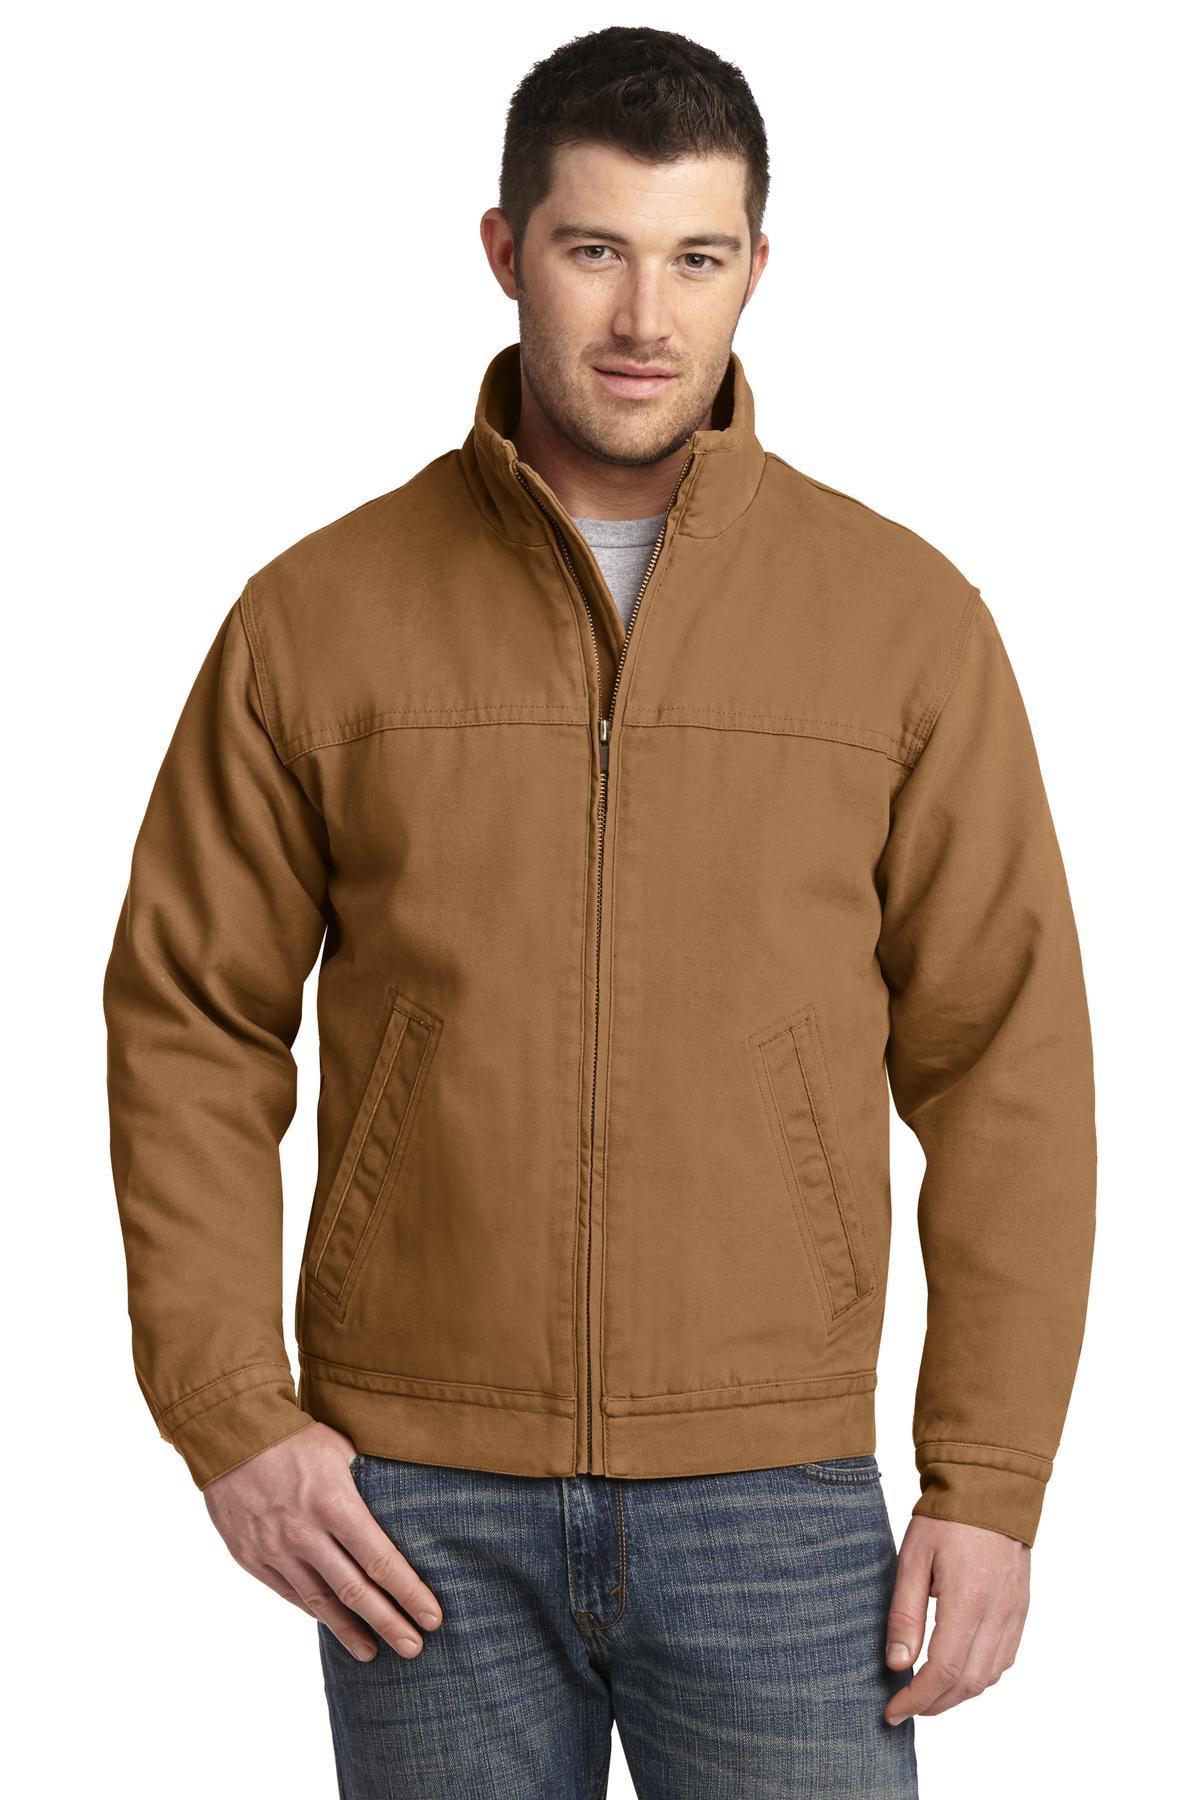 Outerwear-Work-Jackets-2